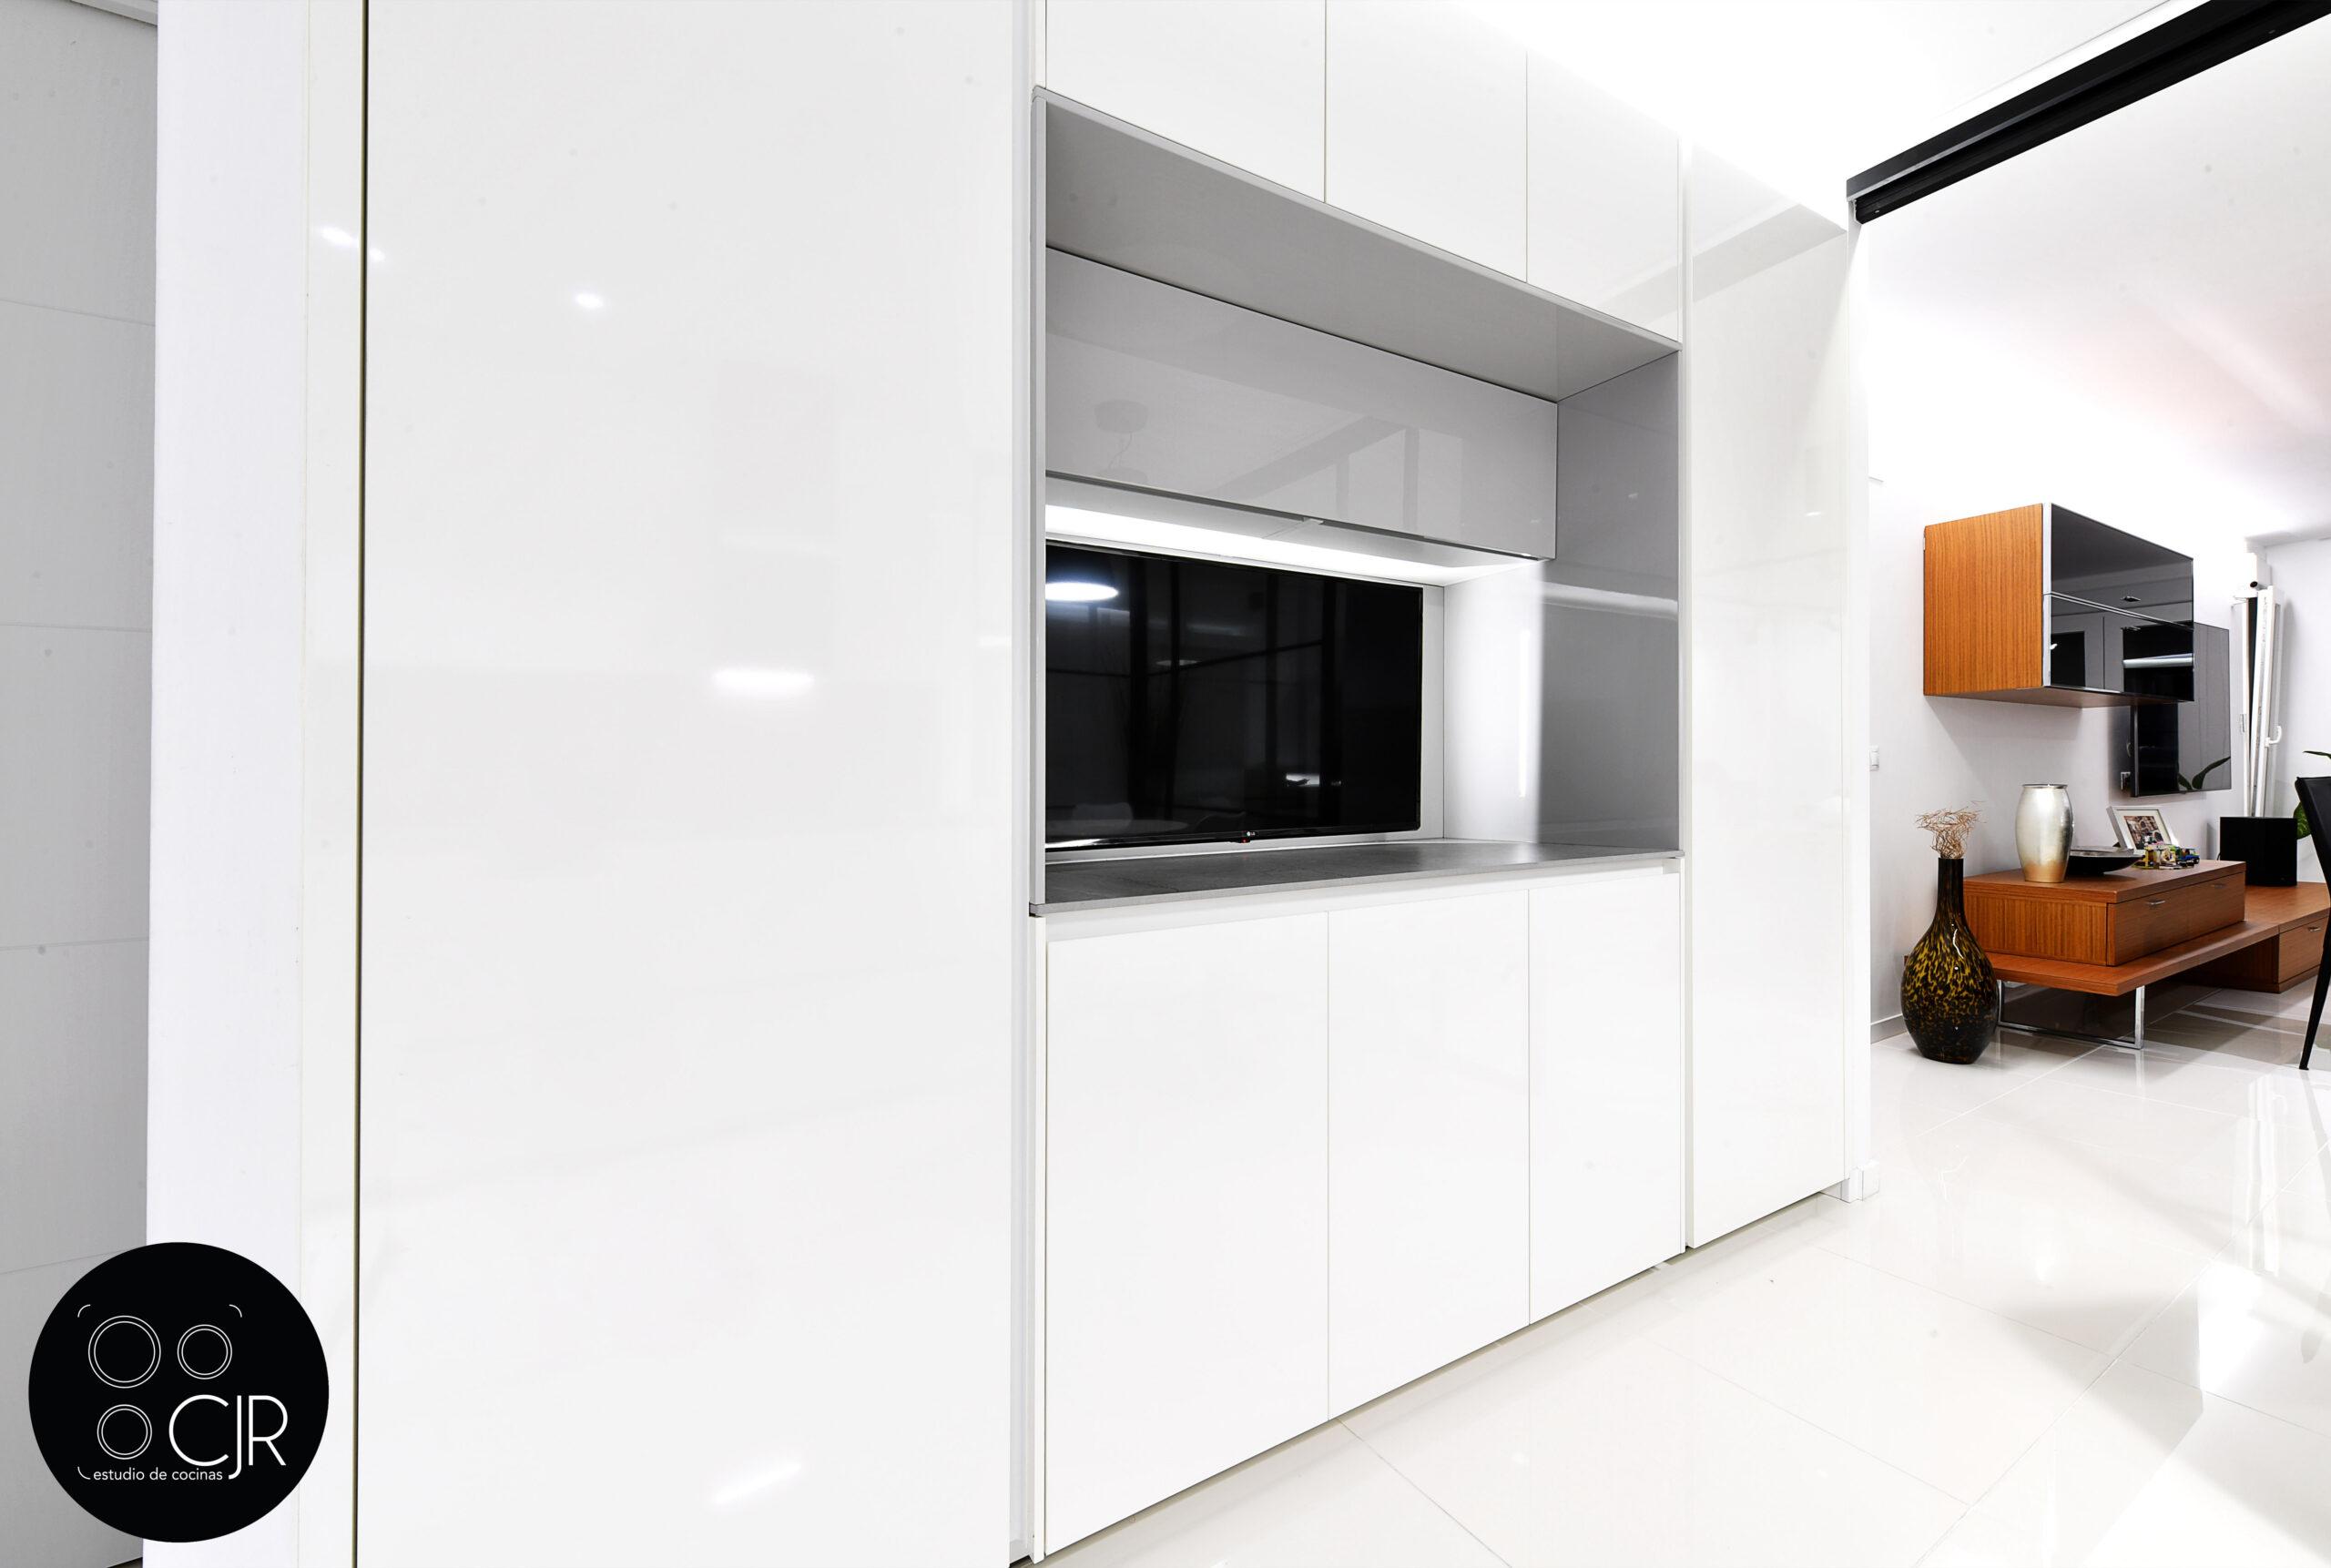 Zona cajoneras en la cocina blanca con encimera gris marengo